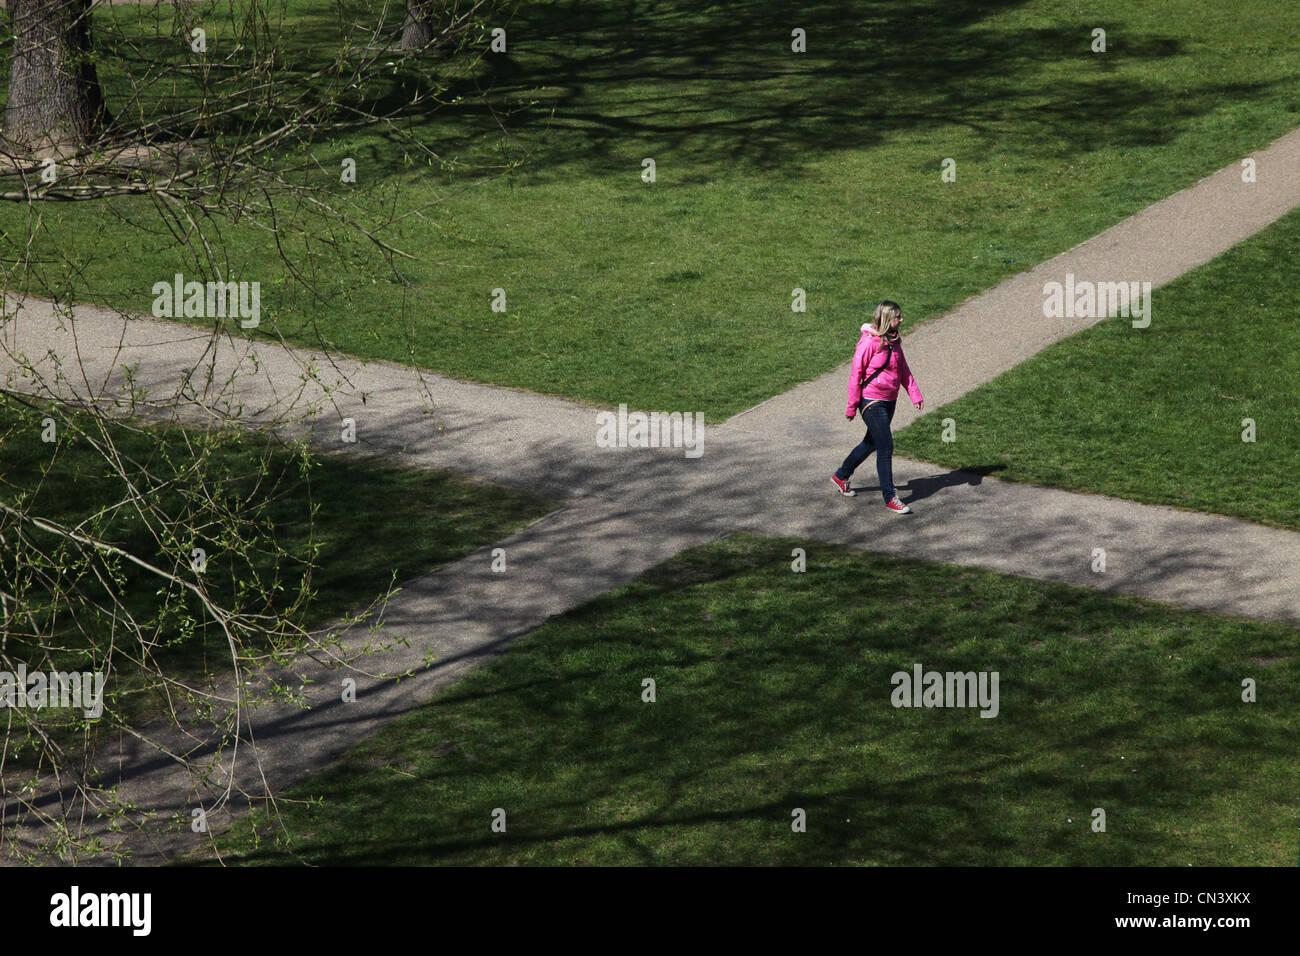 Una mujer en una encrucijada ruta, tomar una decisión sobre qué camino tomar. Imagen De Stock